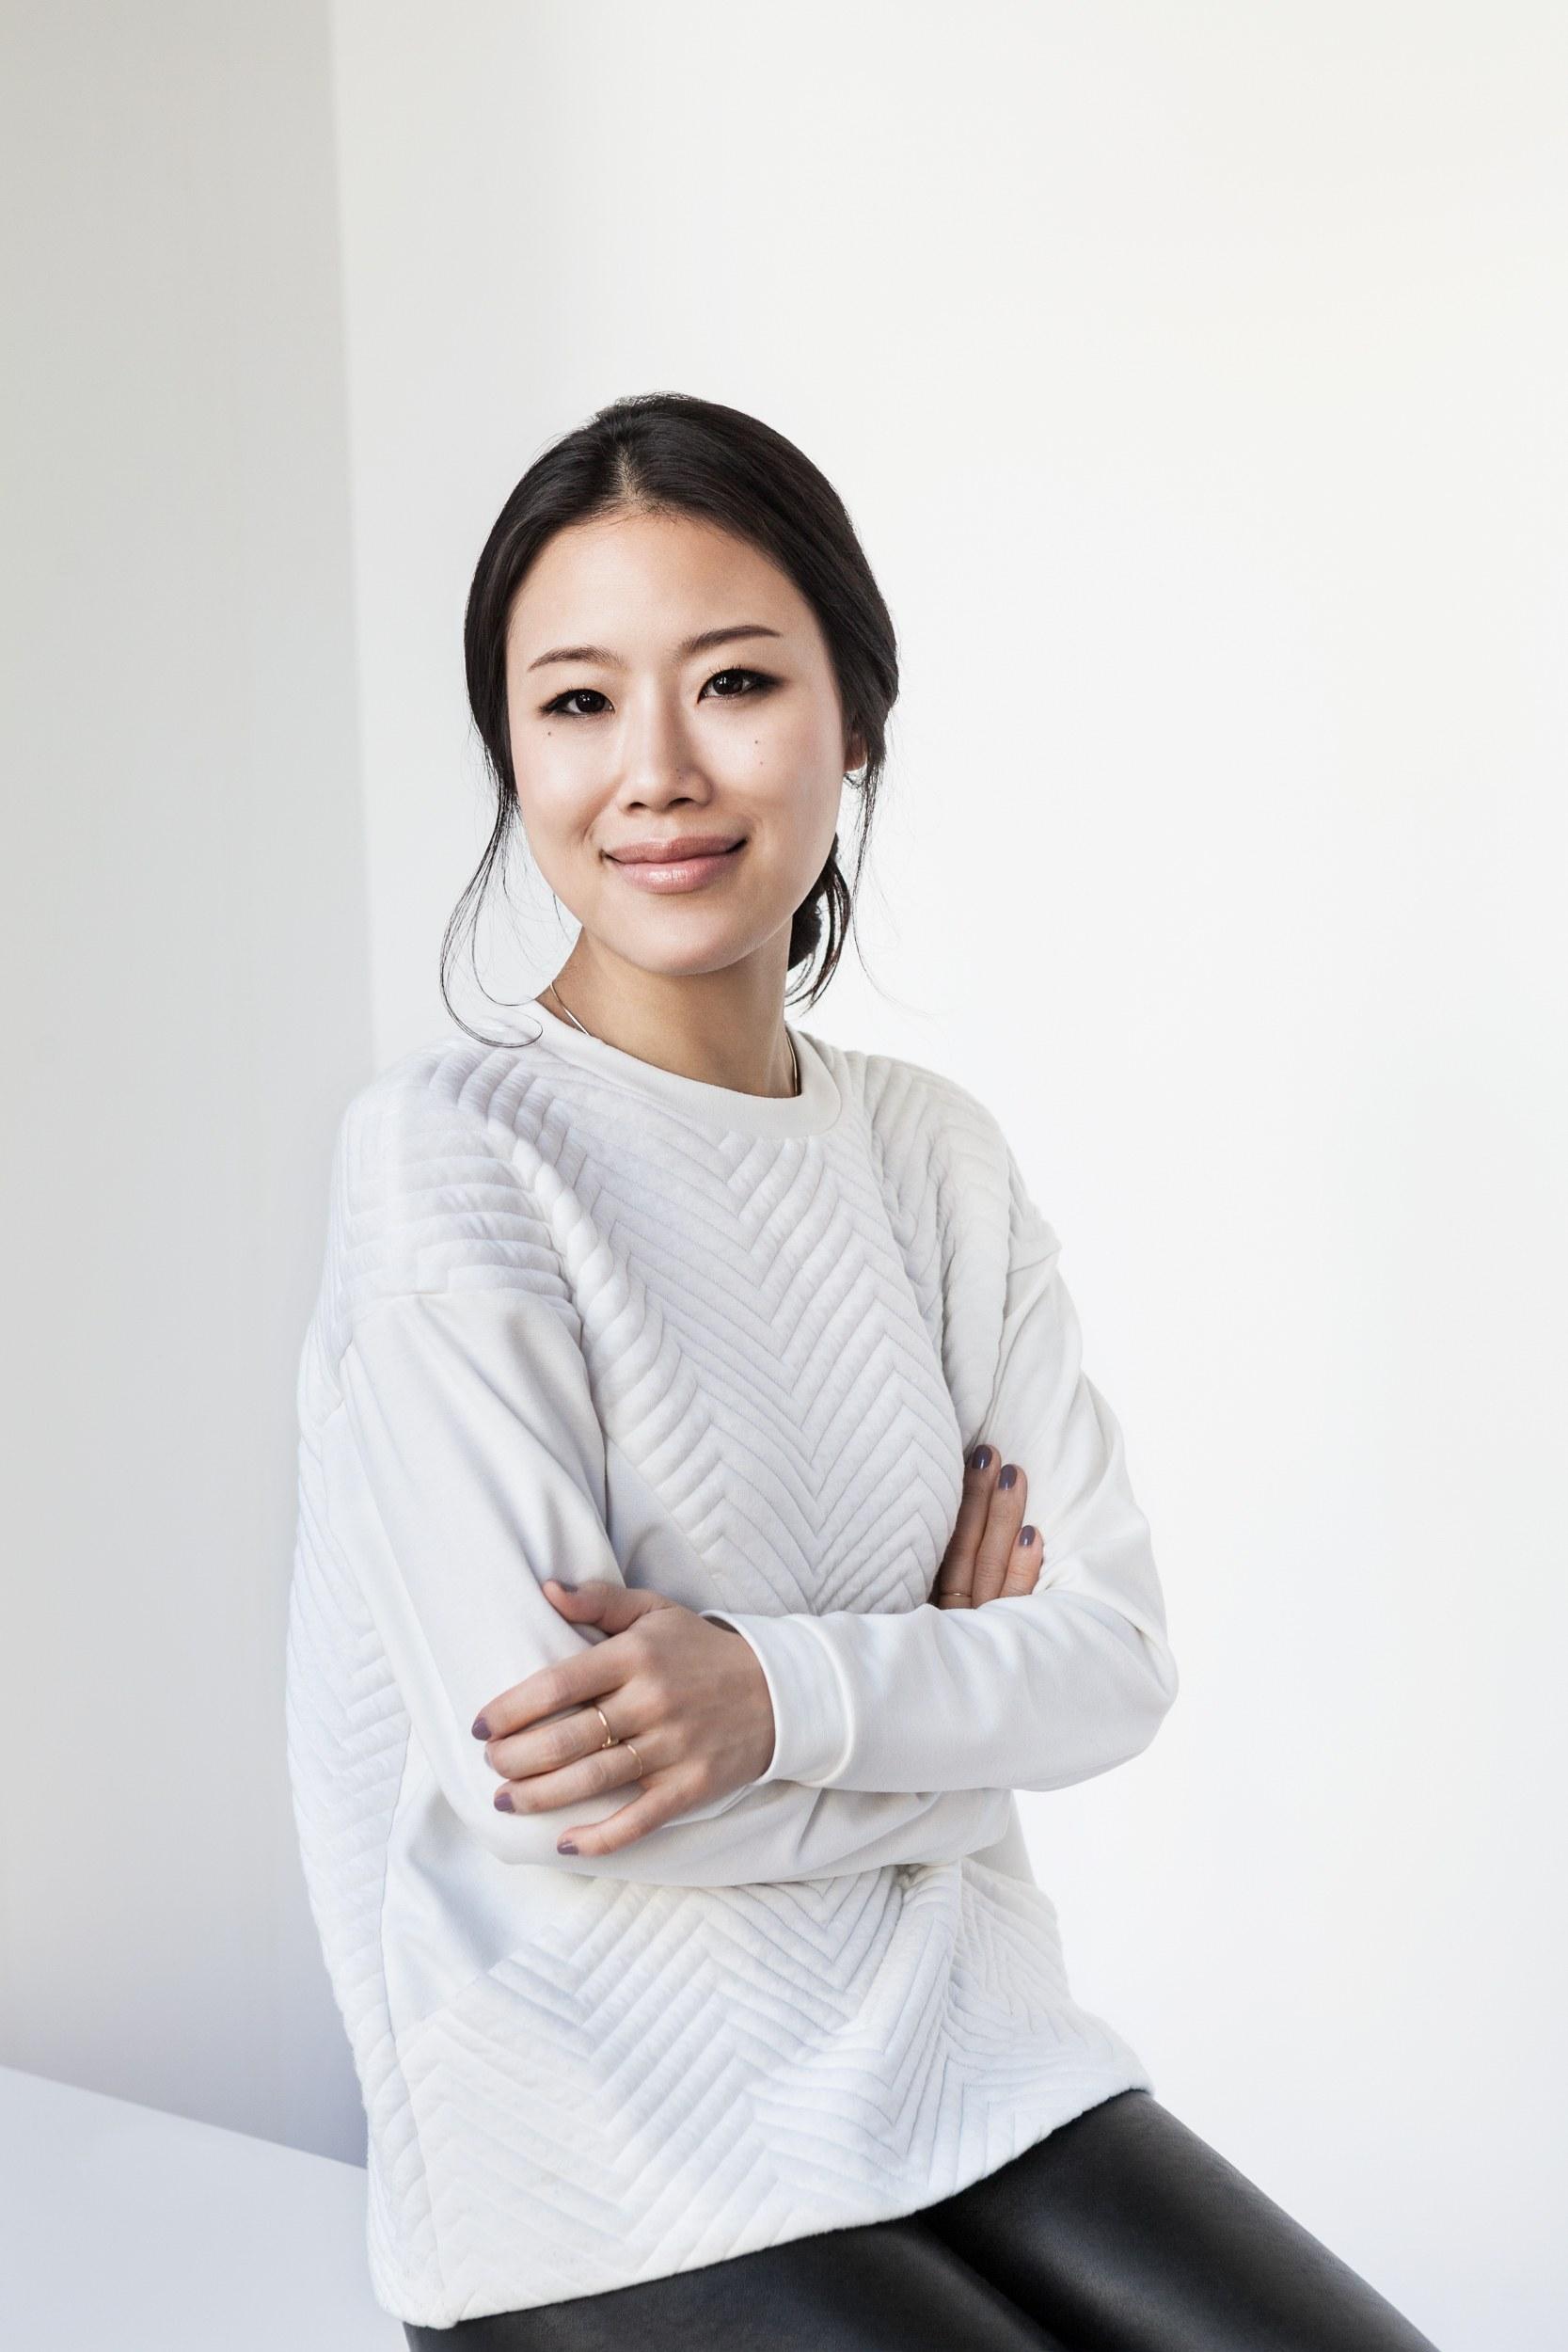 Корейский макияж графичный